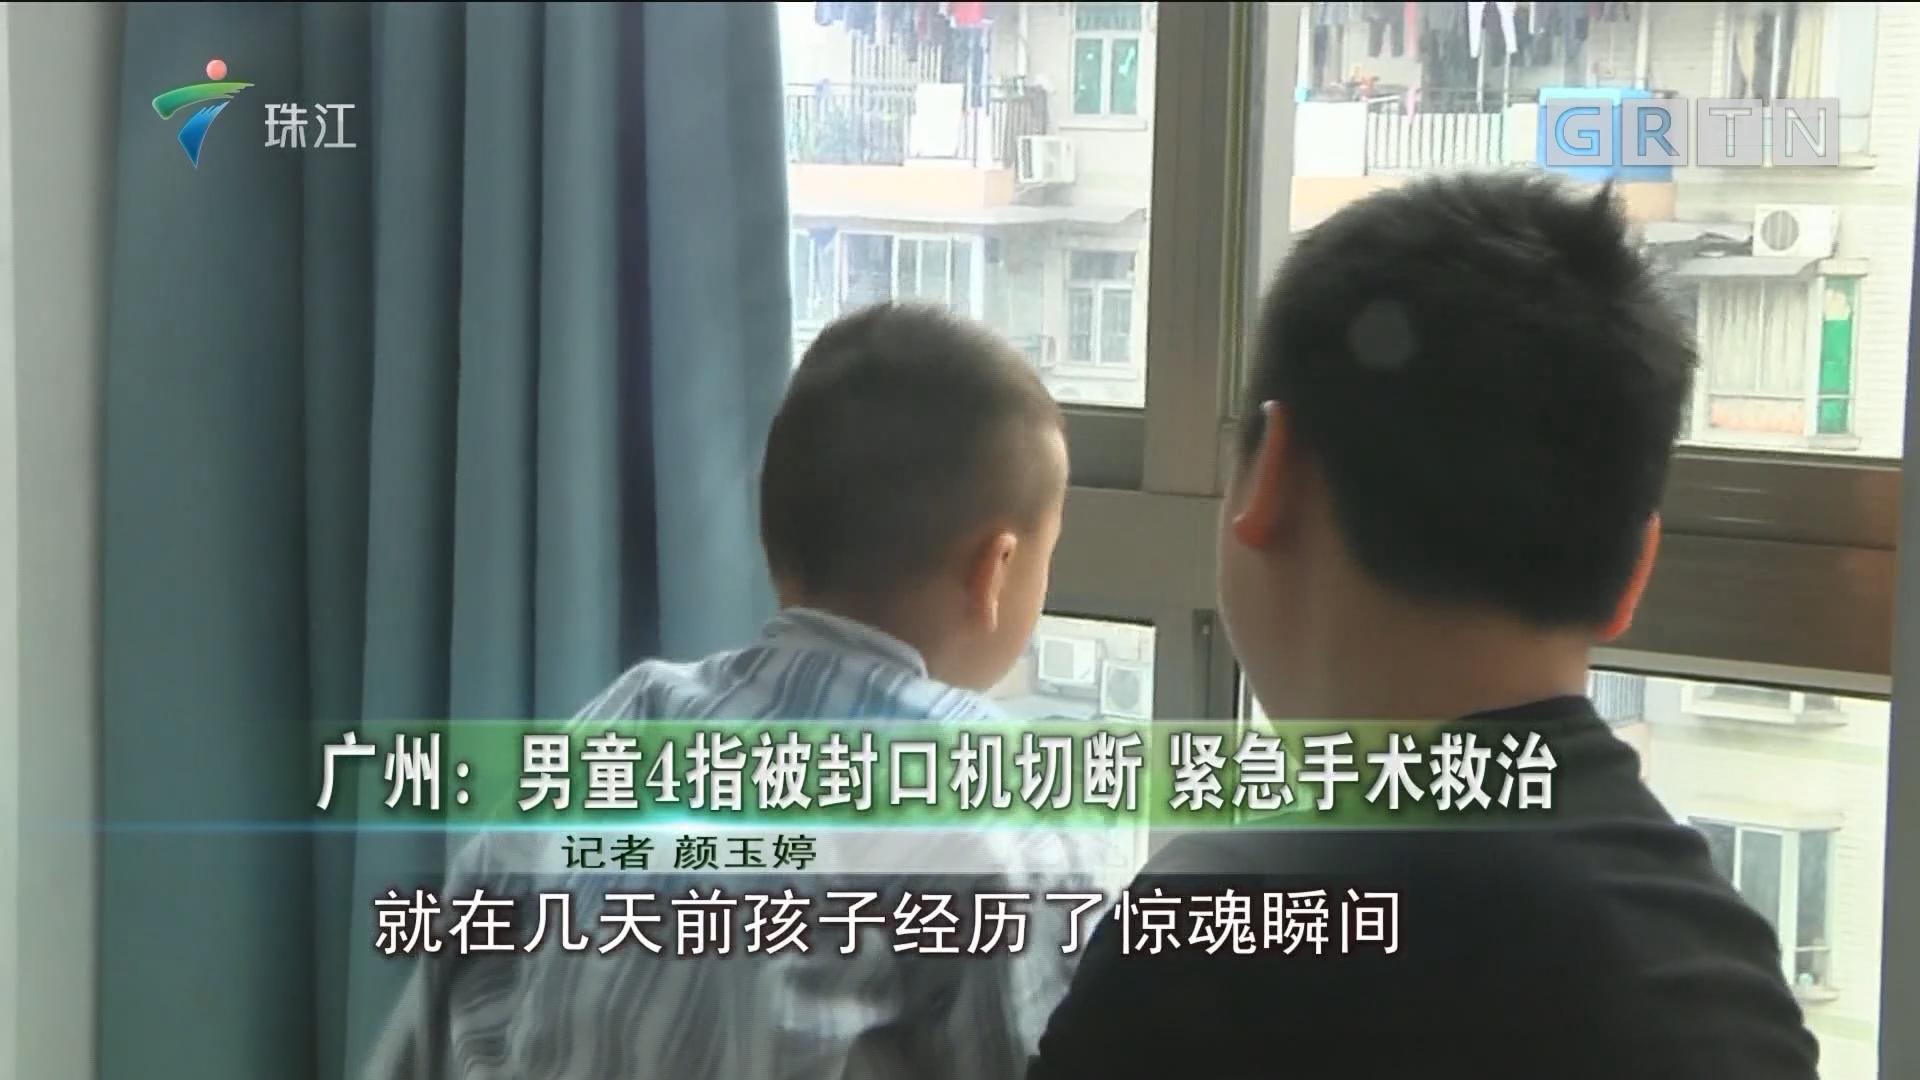 广州:男童4指被封口机切断 紧急手术救治